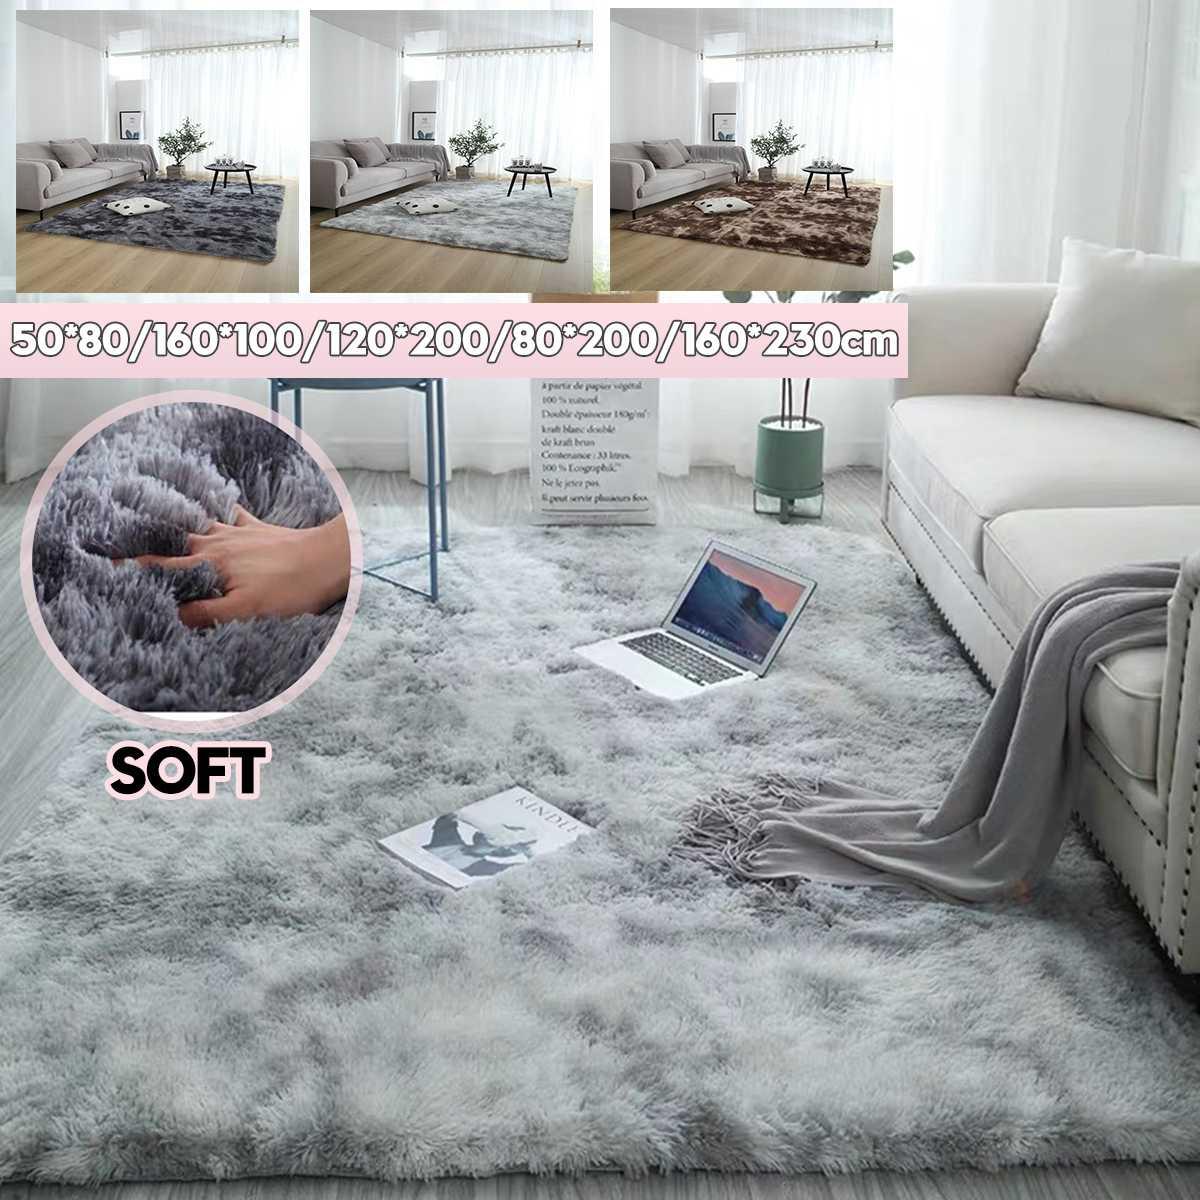 160 см x 230 см Противоскользящий коврик для гостиной и спальни, ультрамягкий плюшевый прямоугольный ковер, современный коврик для украшения д...